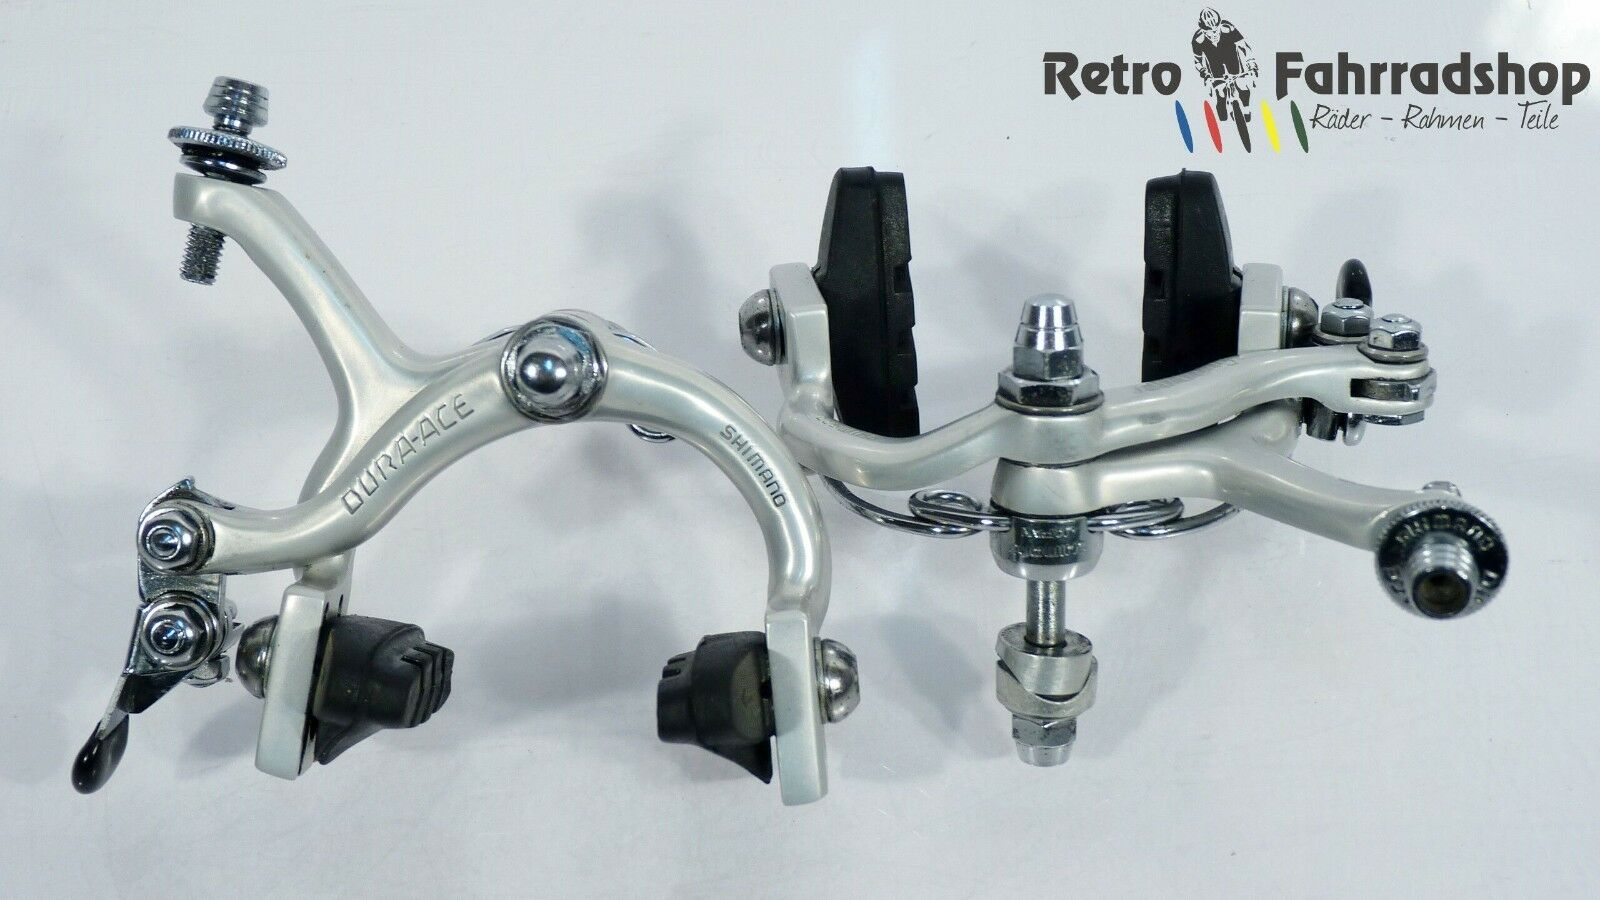 Shimano dura ace  ba-100 frenos 1st. serie año de fabricación 1977 top estado 404g rar  elige tu favorito